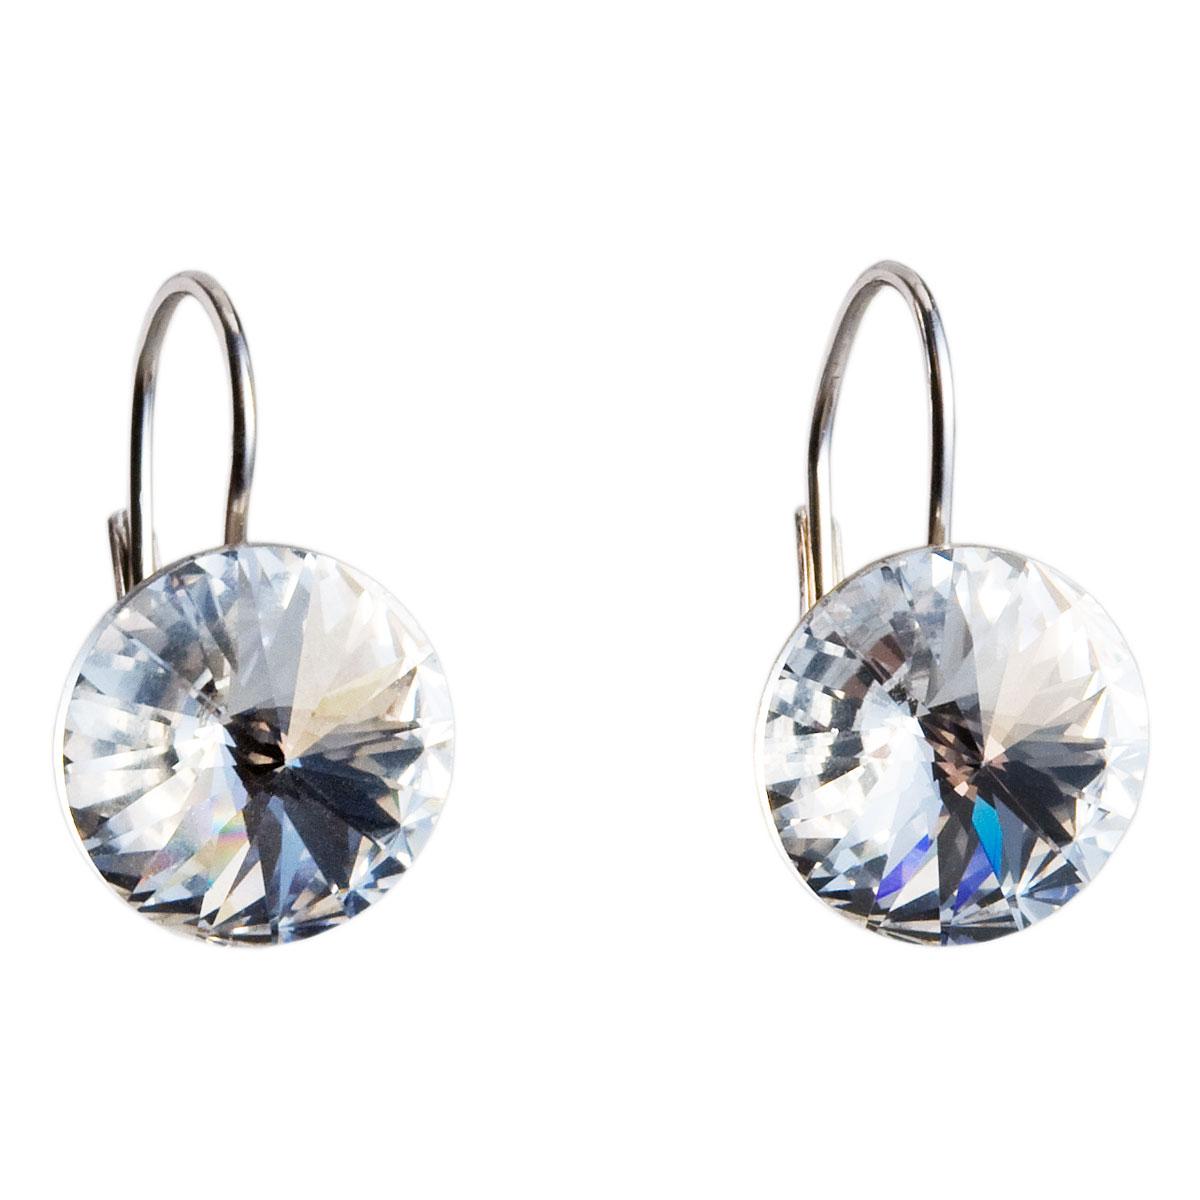 Stříbrné náušnice visací s krystaly bílé kulaté 731106.1